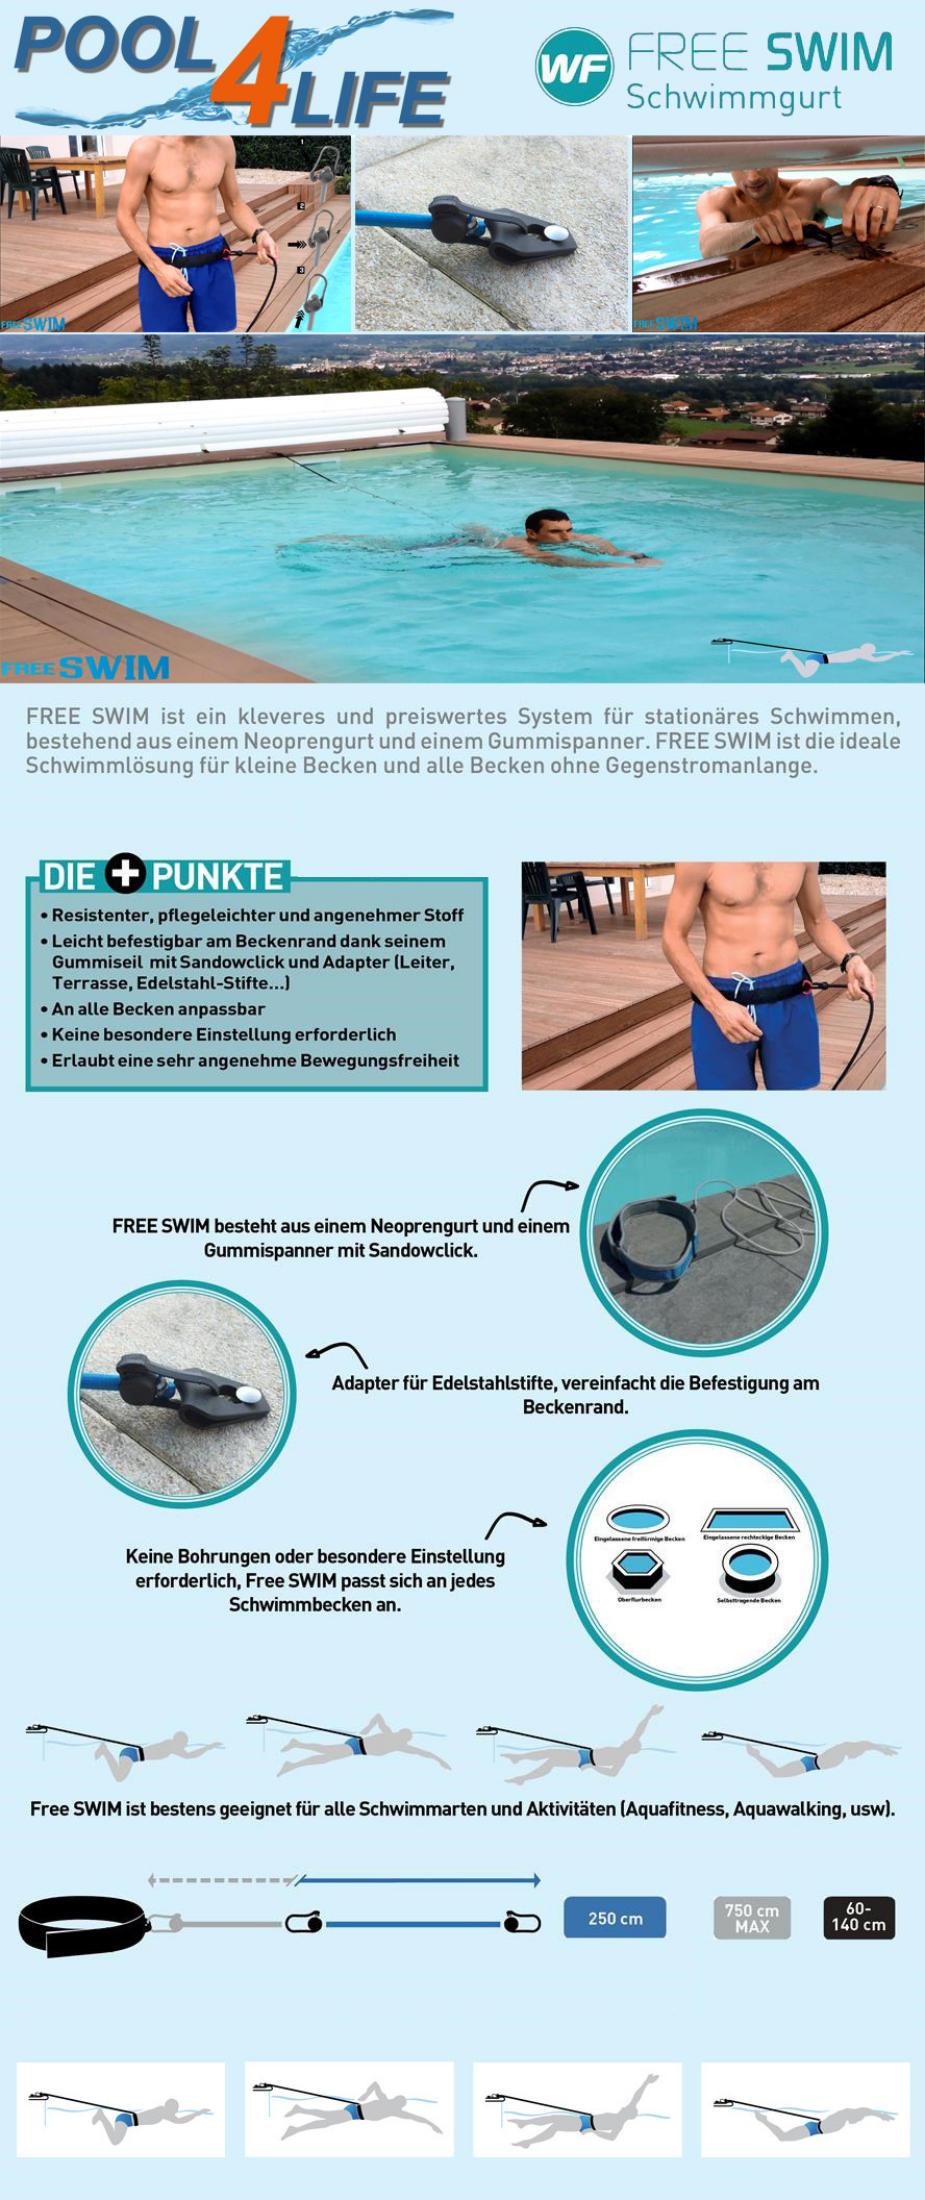 Schwimmen ohne Gegenstromanlage